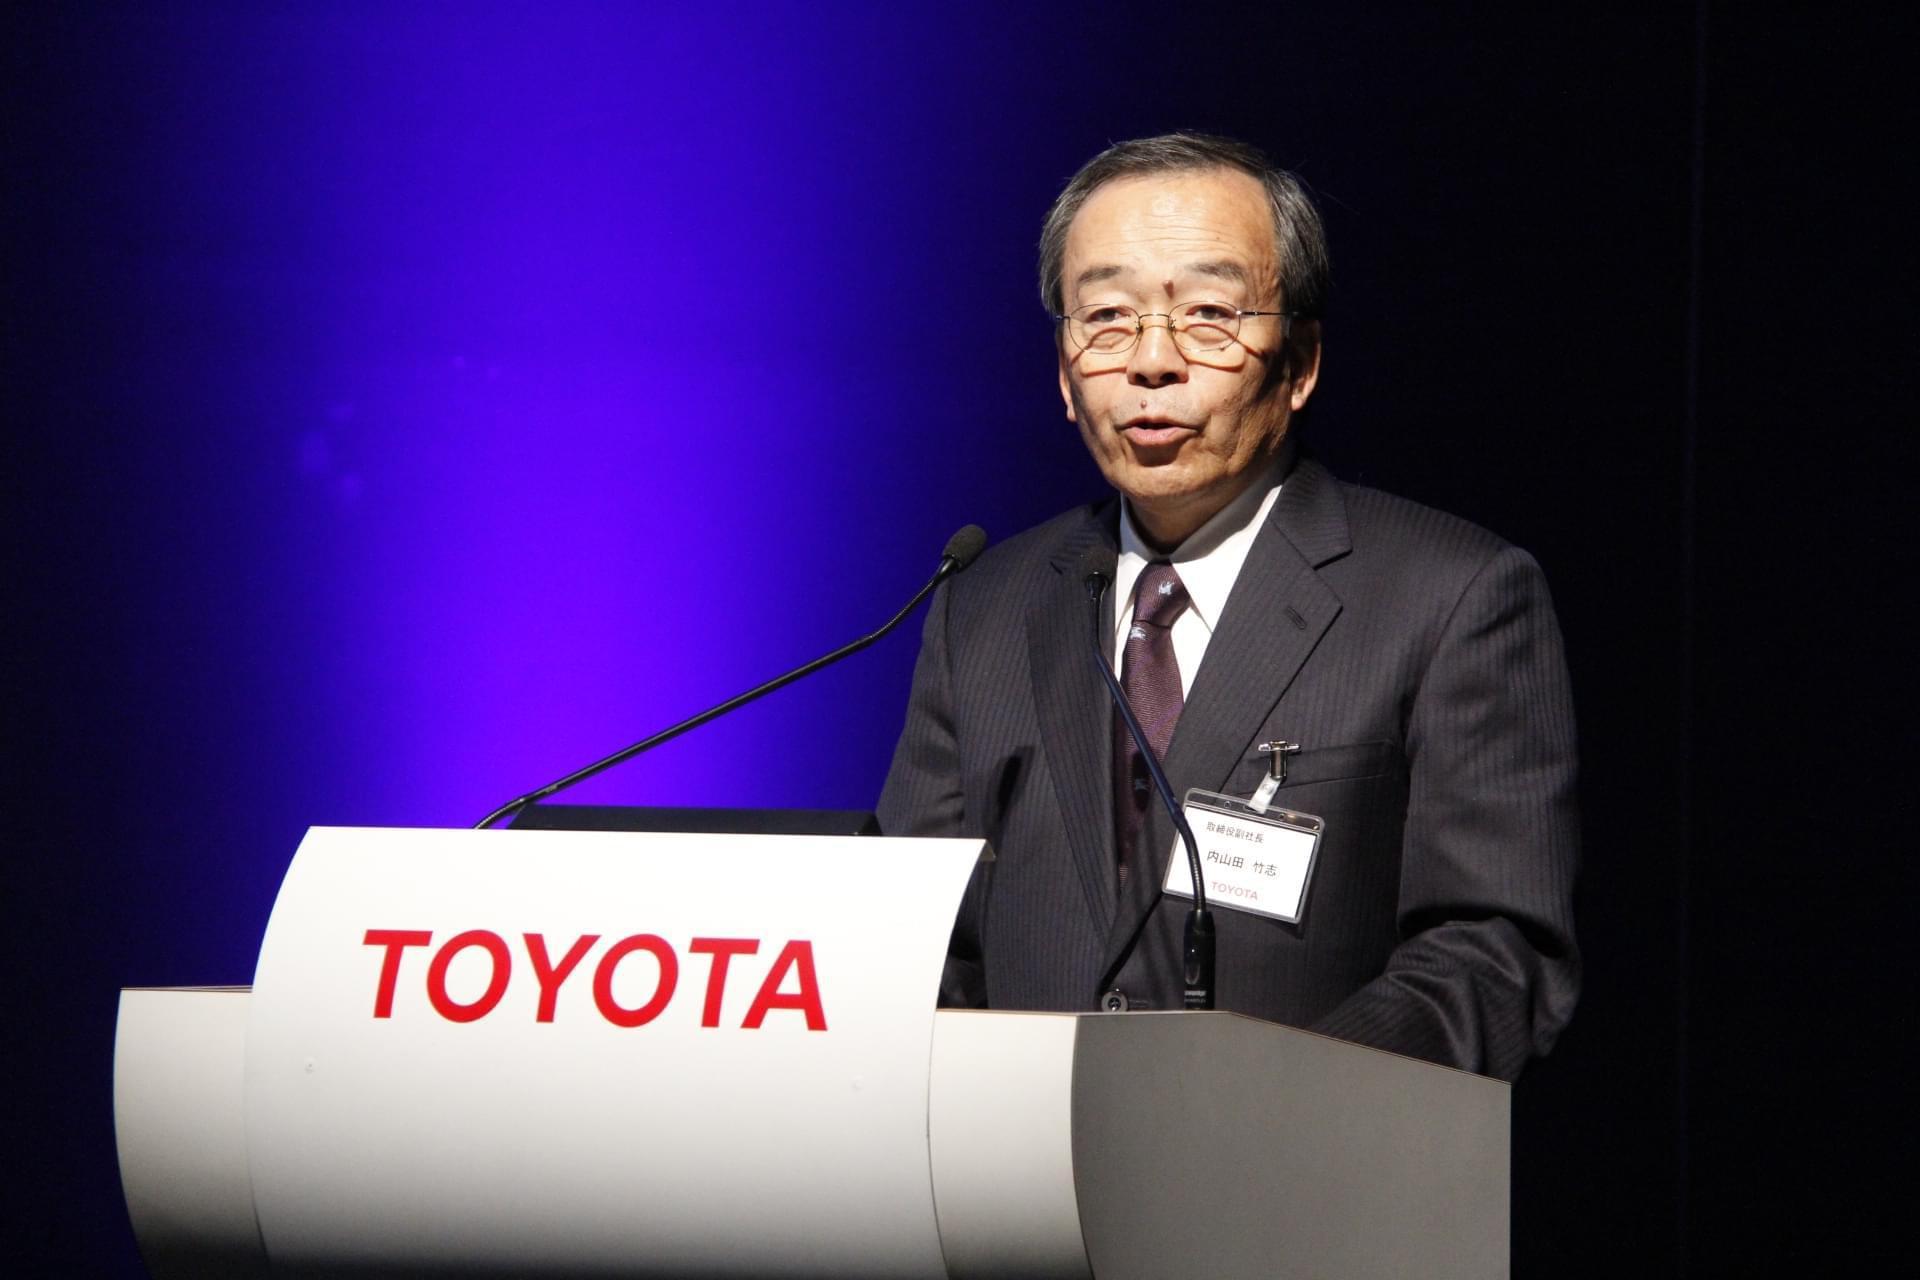 纯电汽车发展较慢 丰田董事长:电池技术仍存缺陷